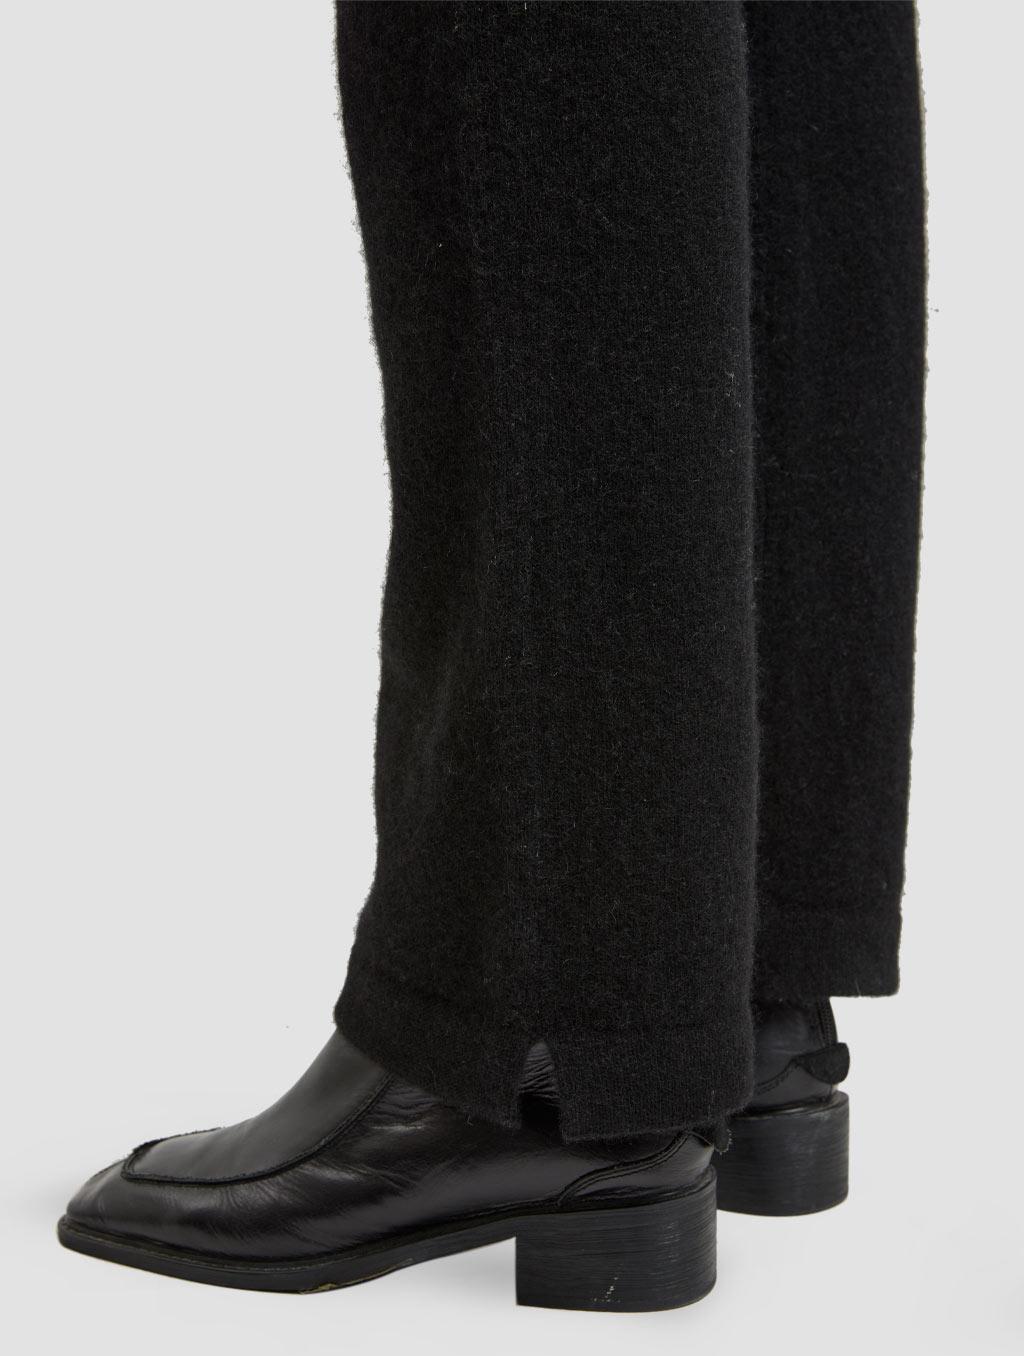 Drawstring straight yak wool pants-detail1-black